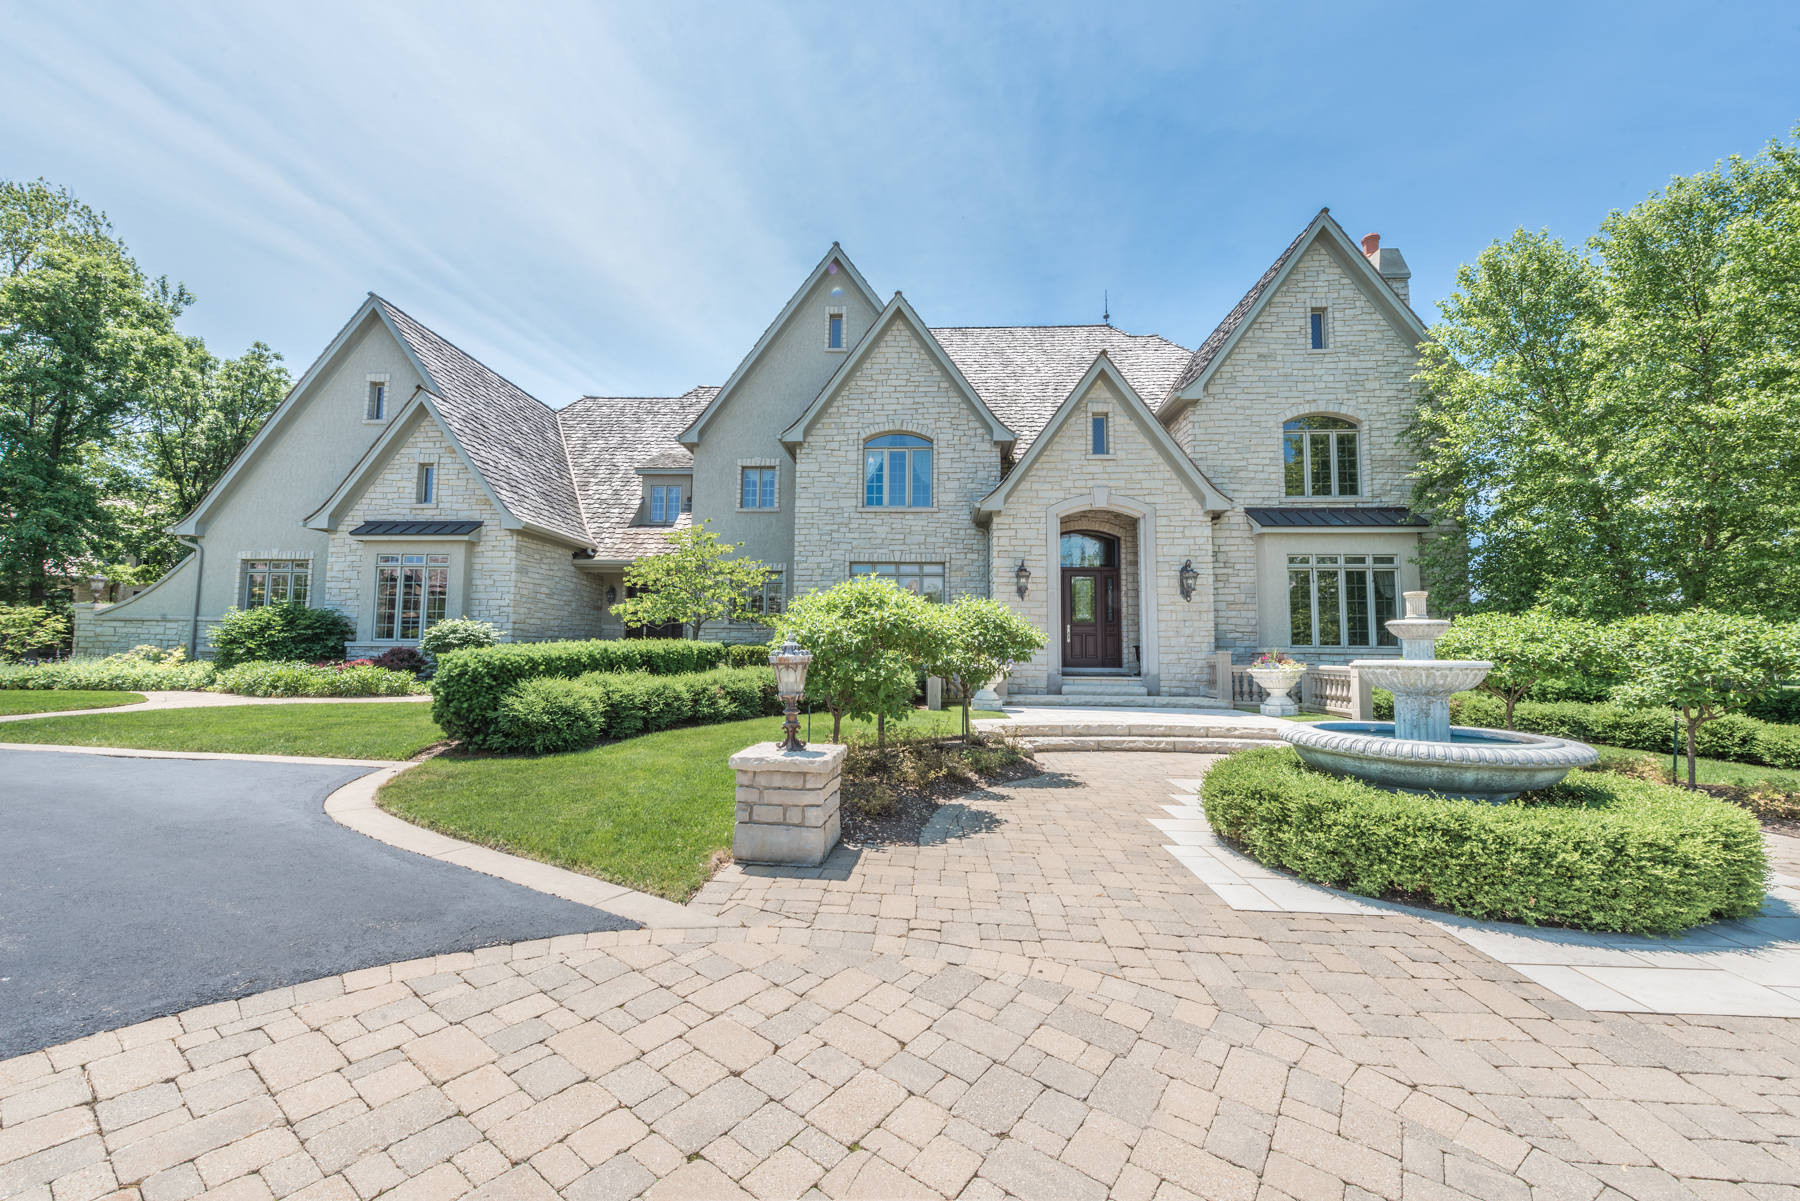 Maison unifamiliale pour l Vente à 7 Kensington Drive North Barrington, Illinois 60010 États-Unis